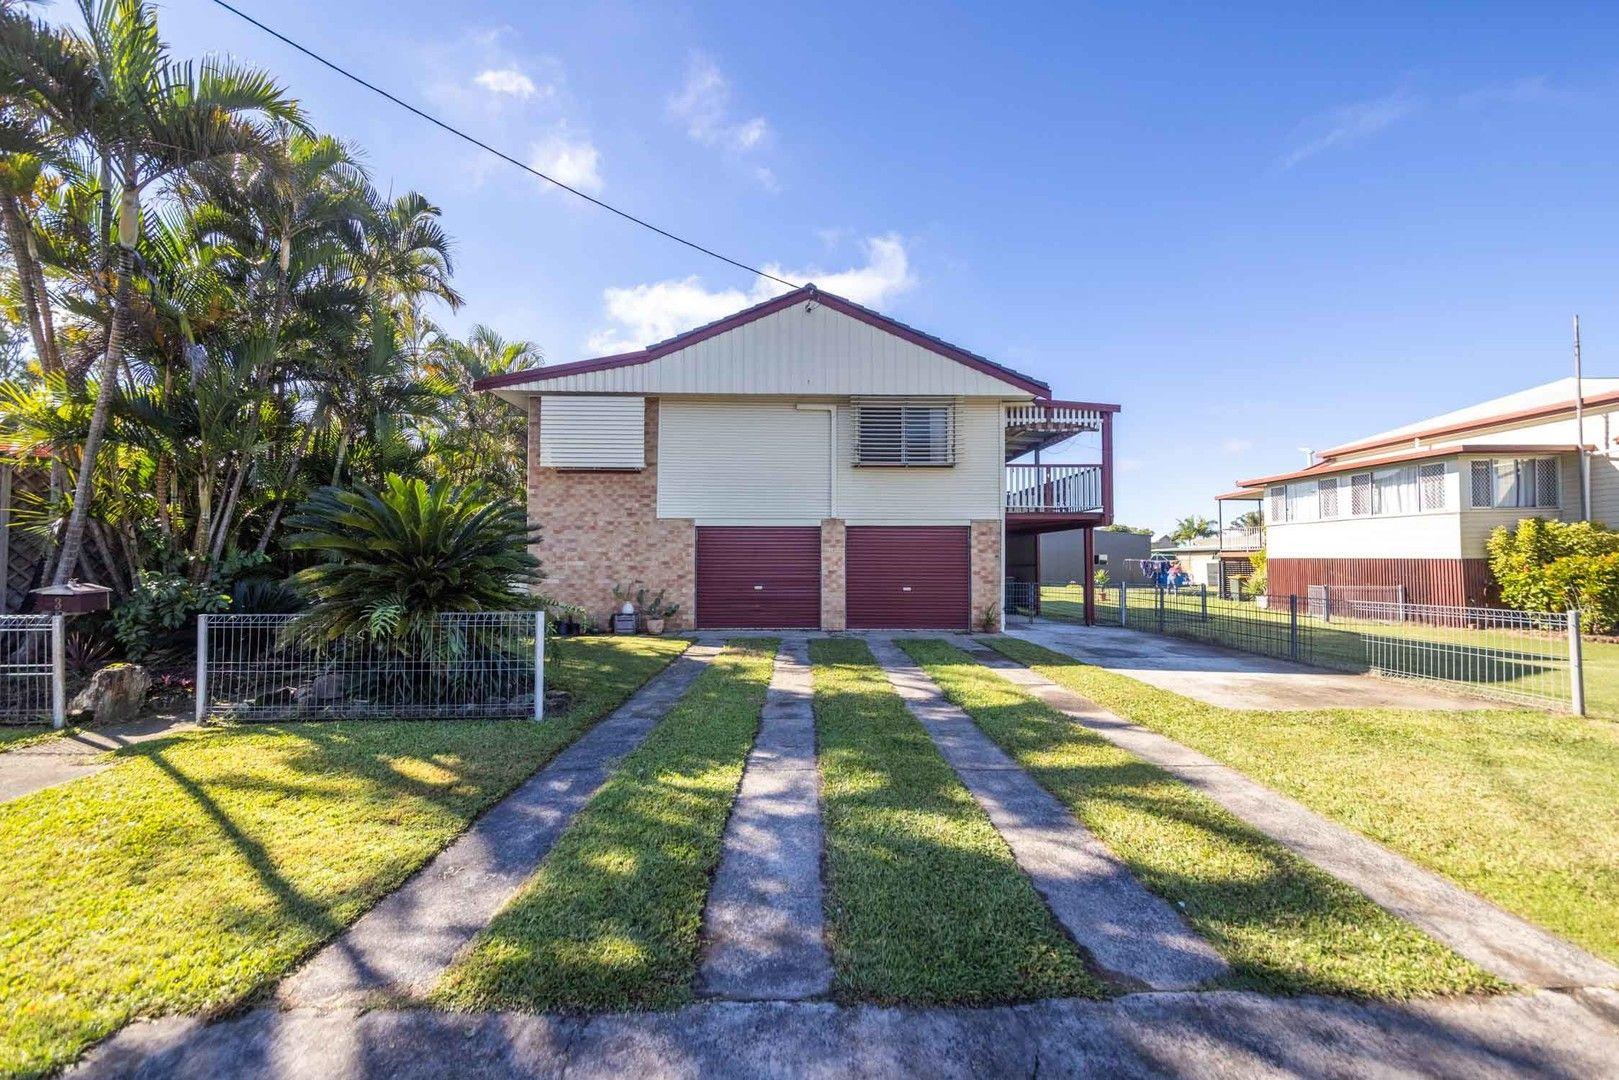 3 Woodburn St, Woodburn NSW 2472, Image 0